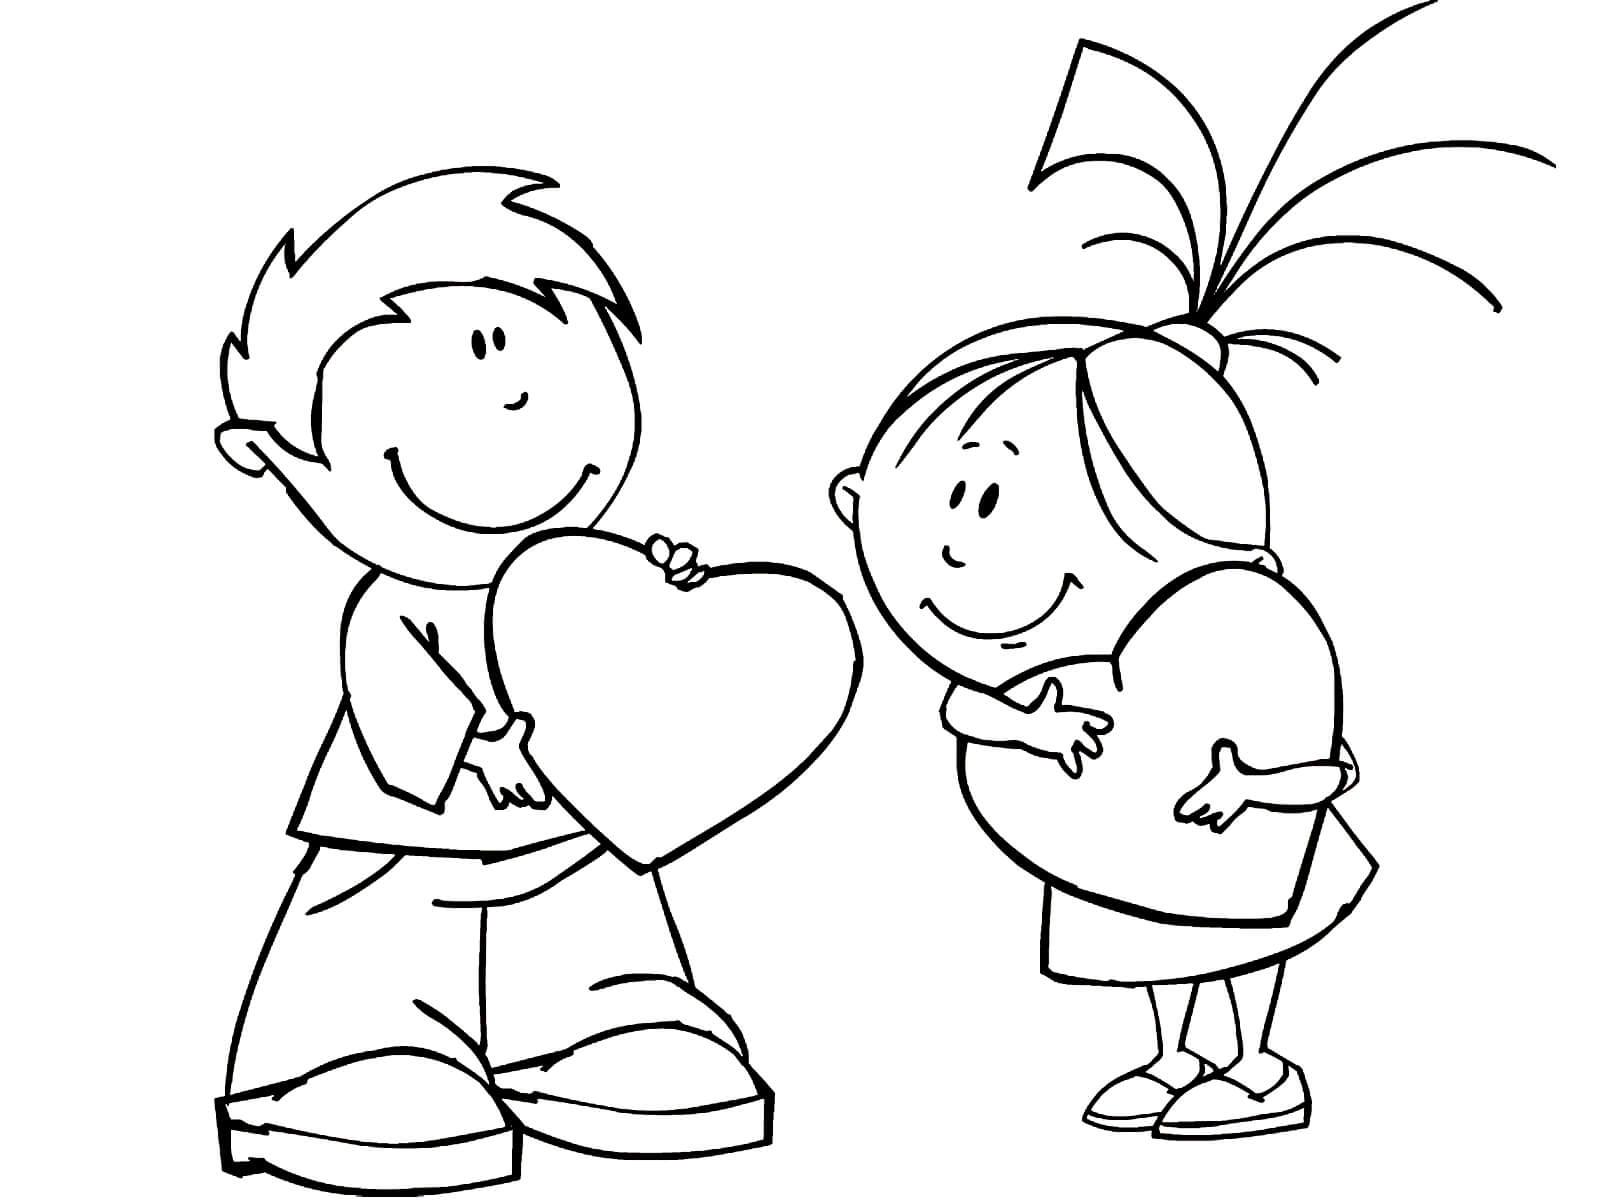 Раскраска Мальчик и девочка 14 февраля